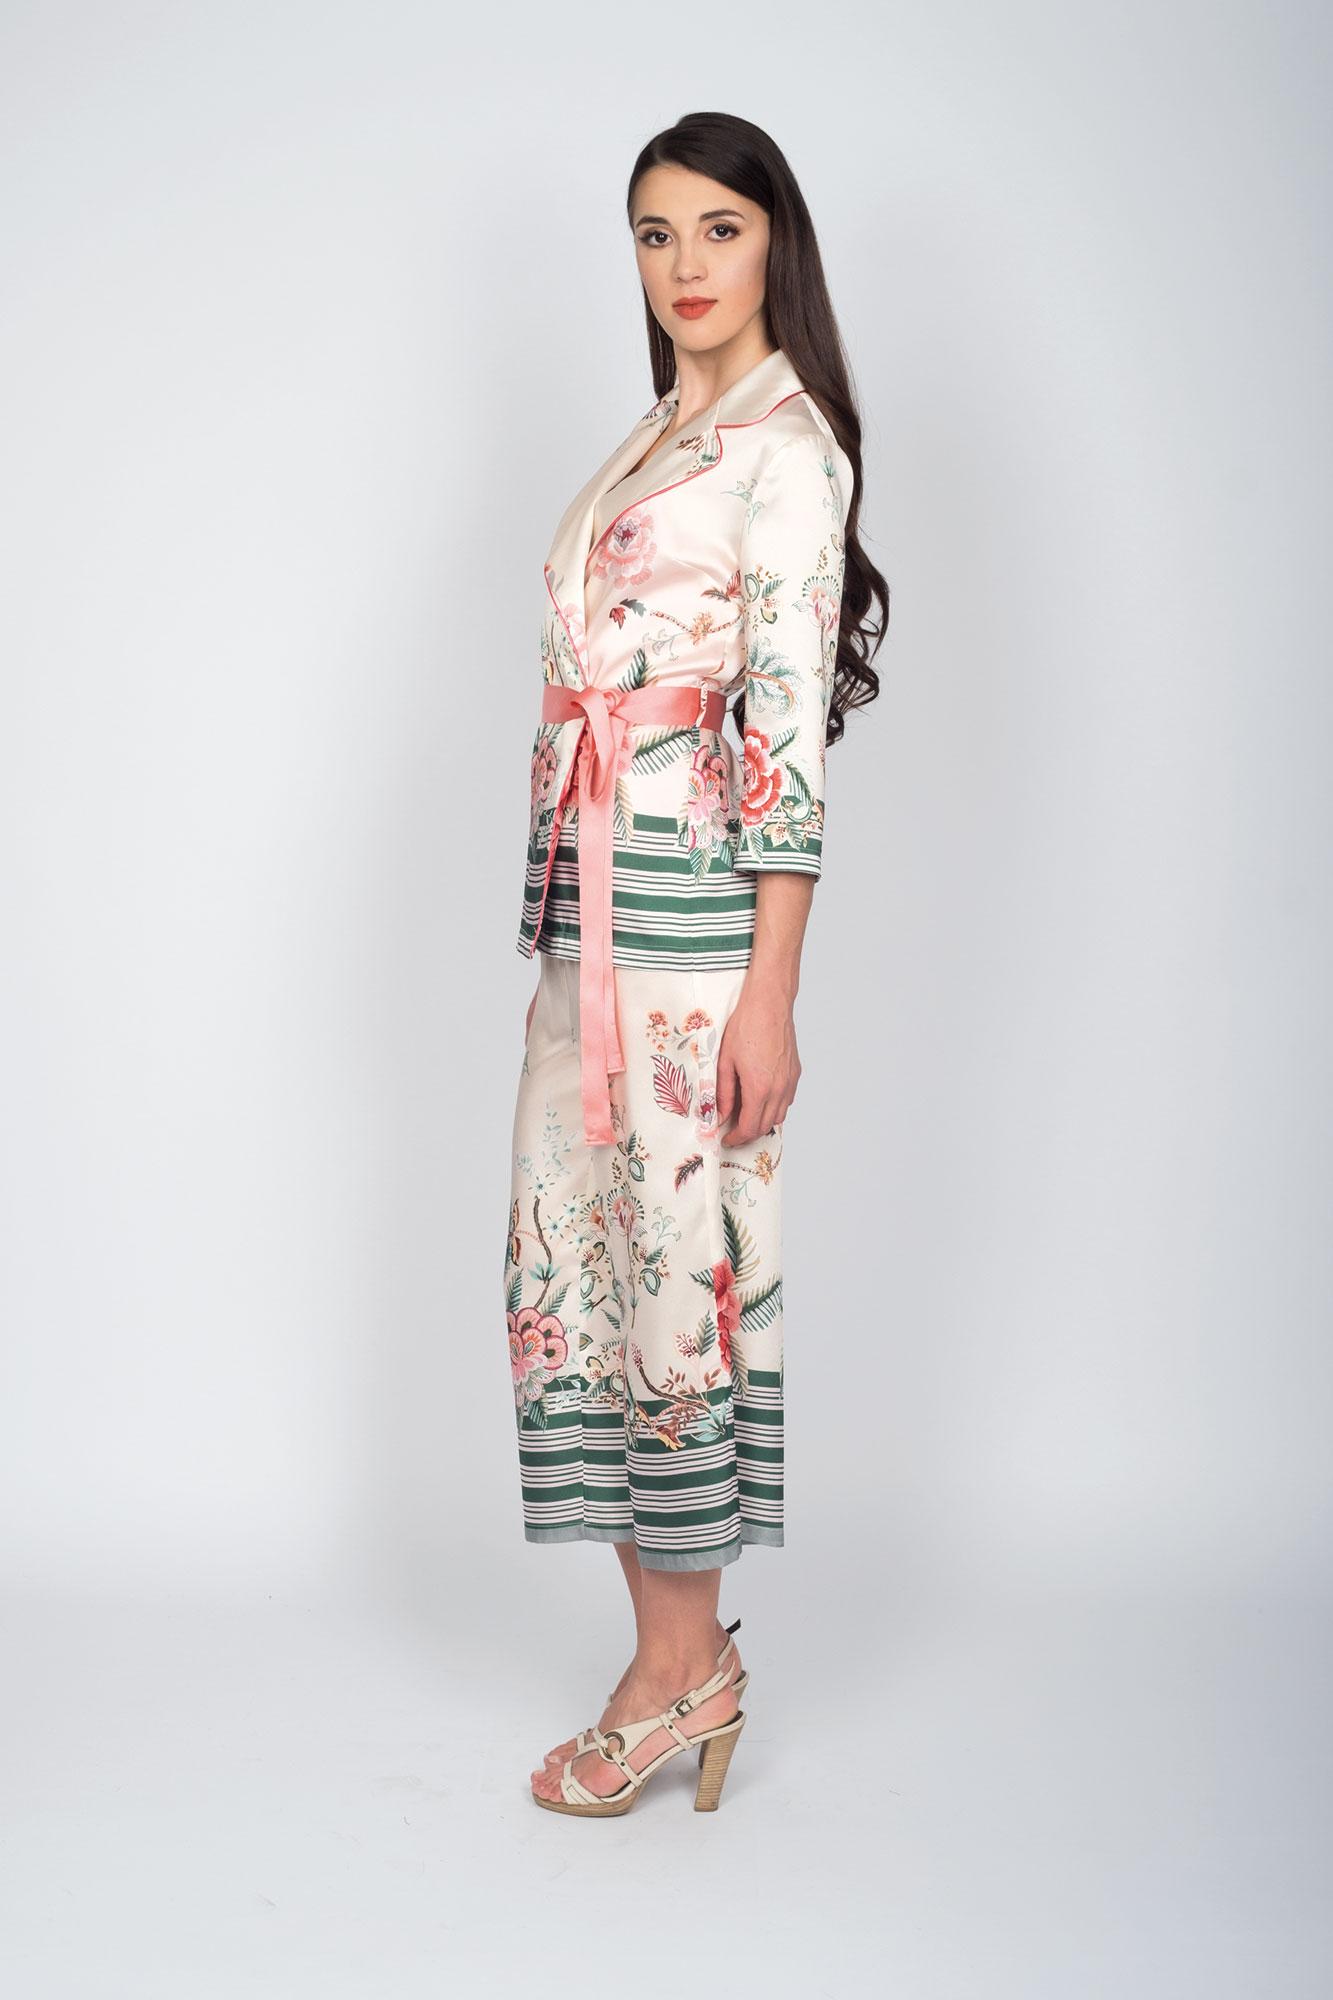 Creative Models - Servizio fotografico abbigliamento moda - 31